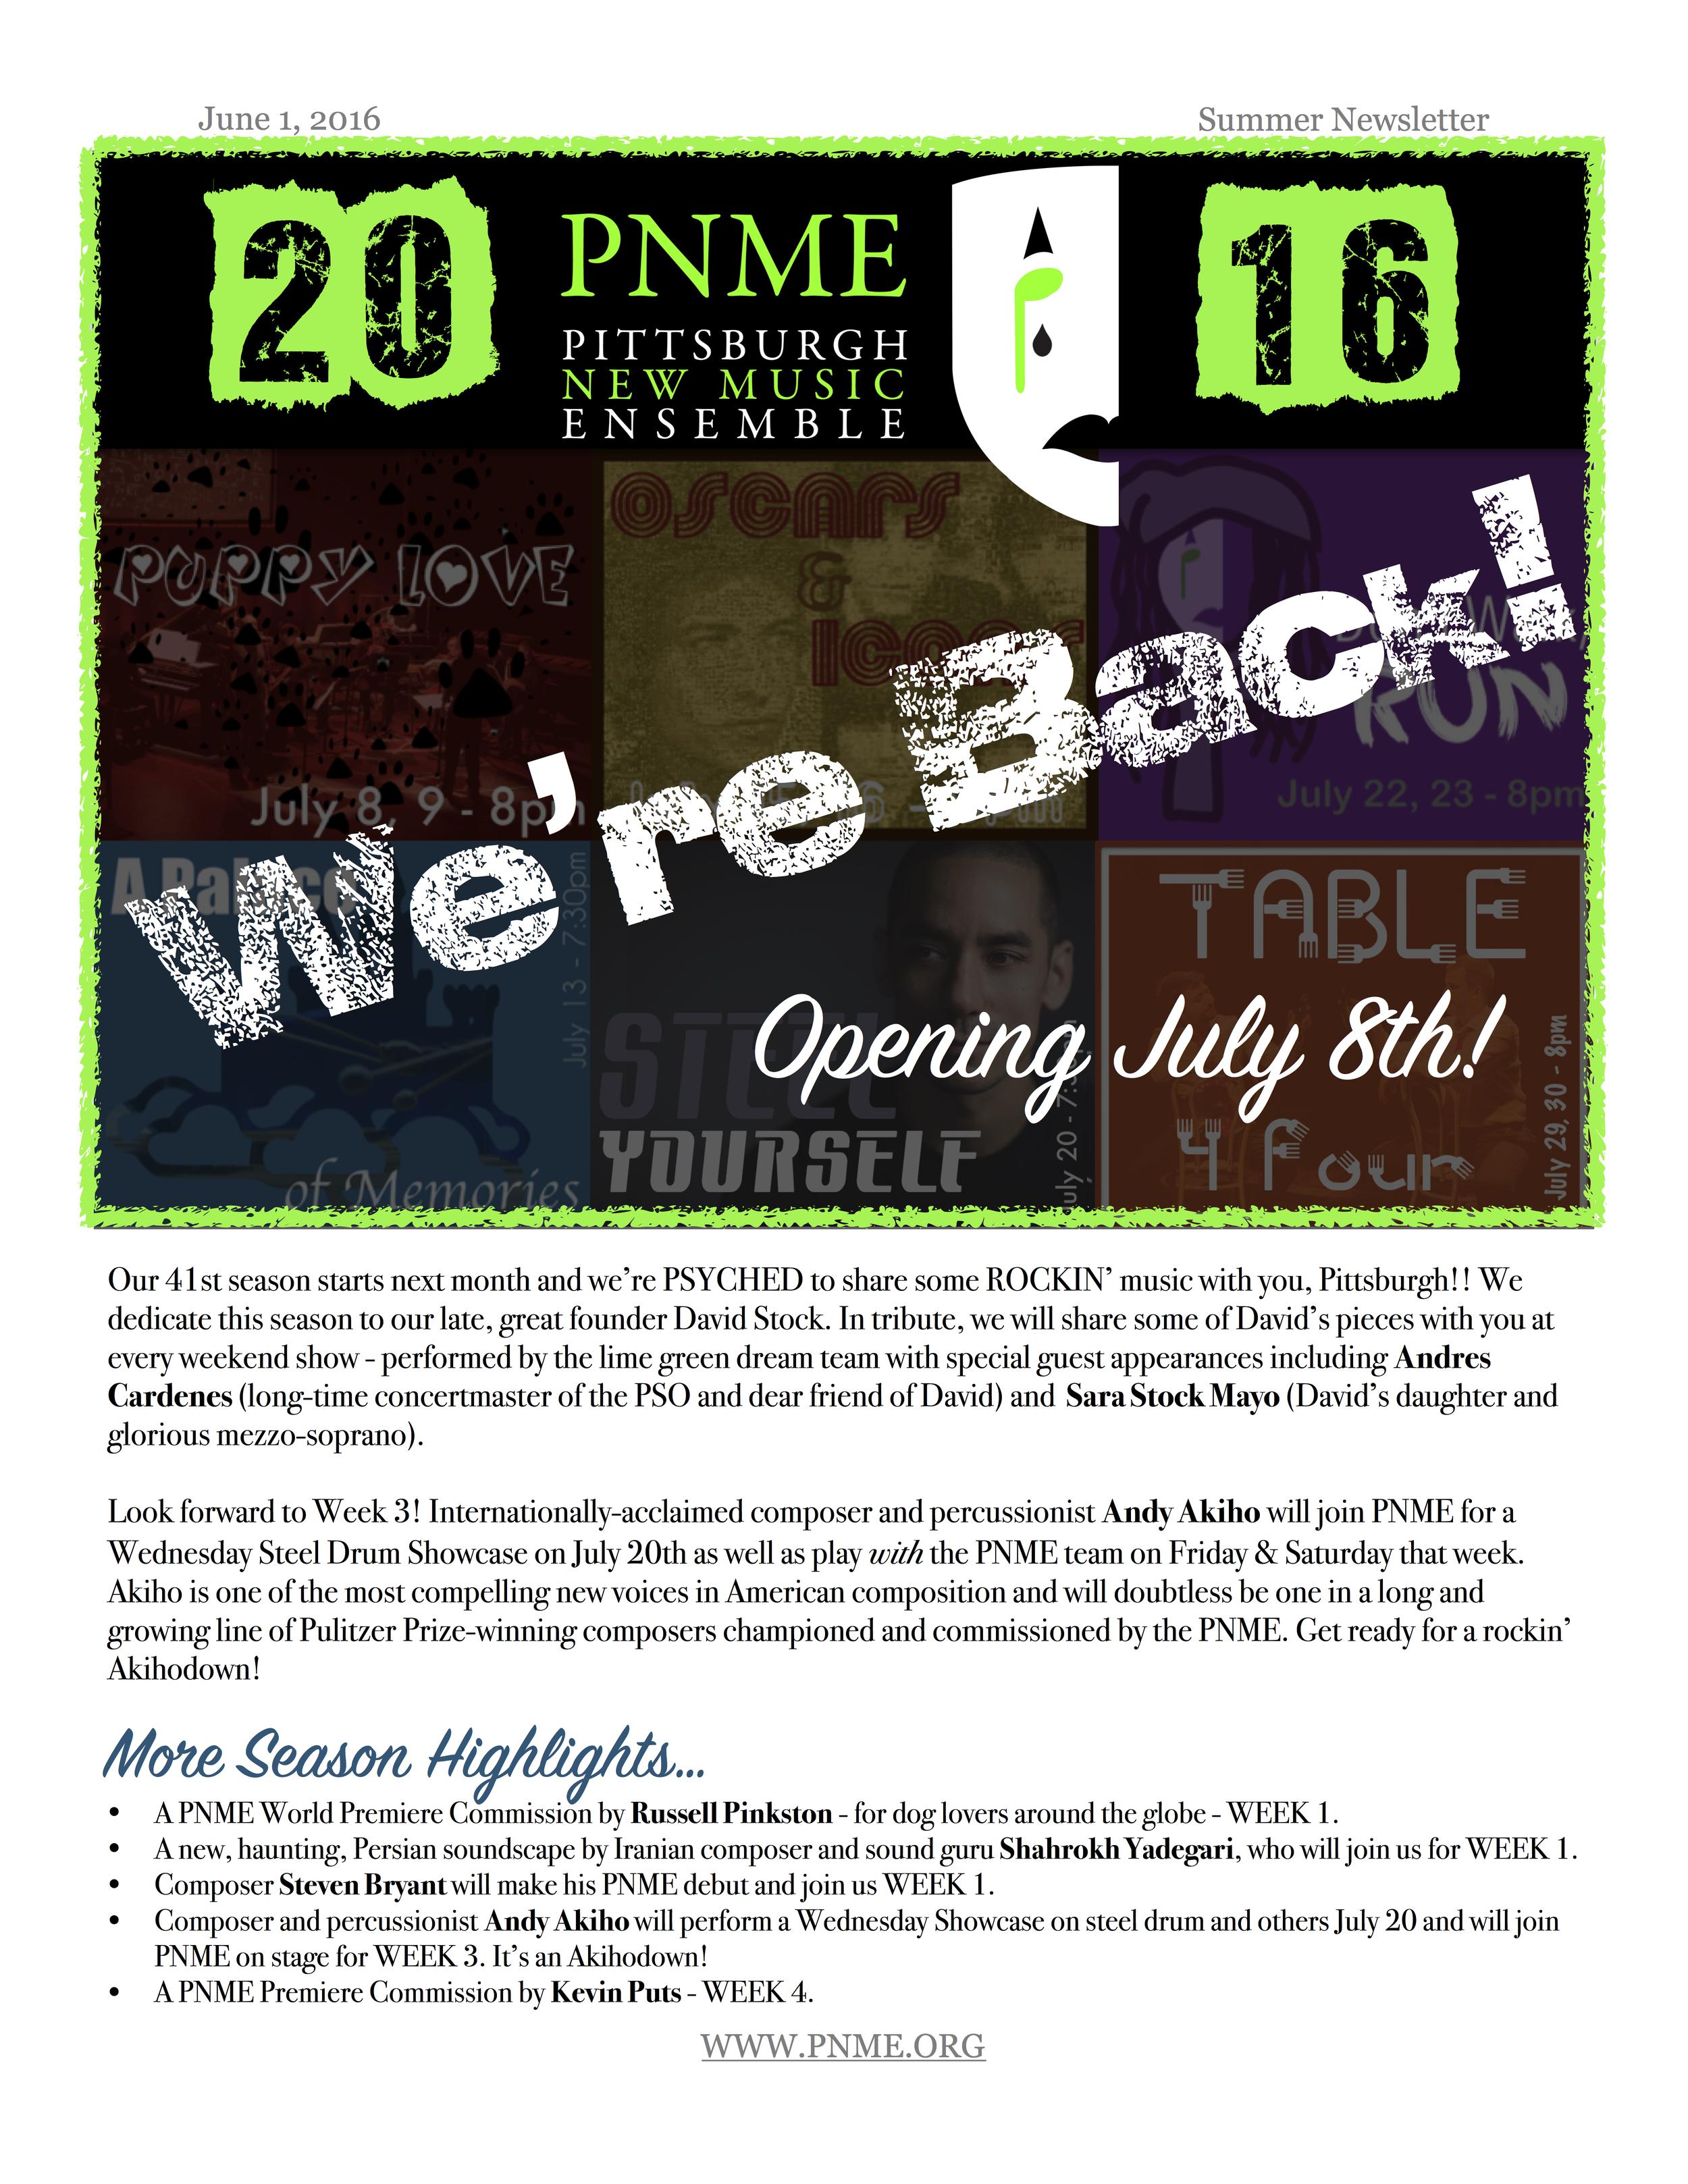 Summer Newsletter 1